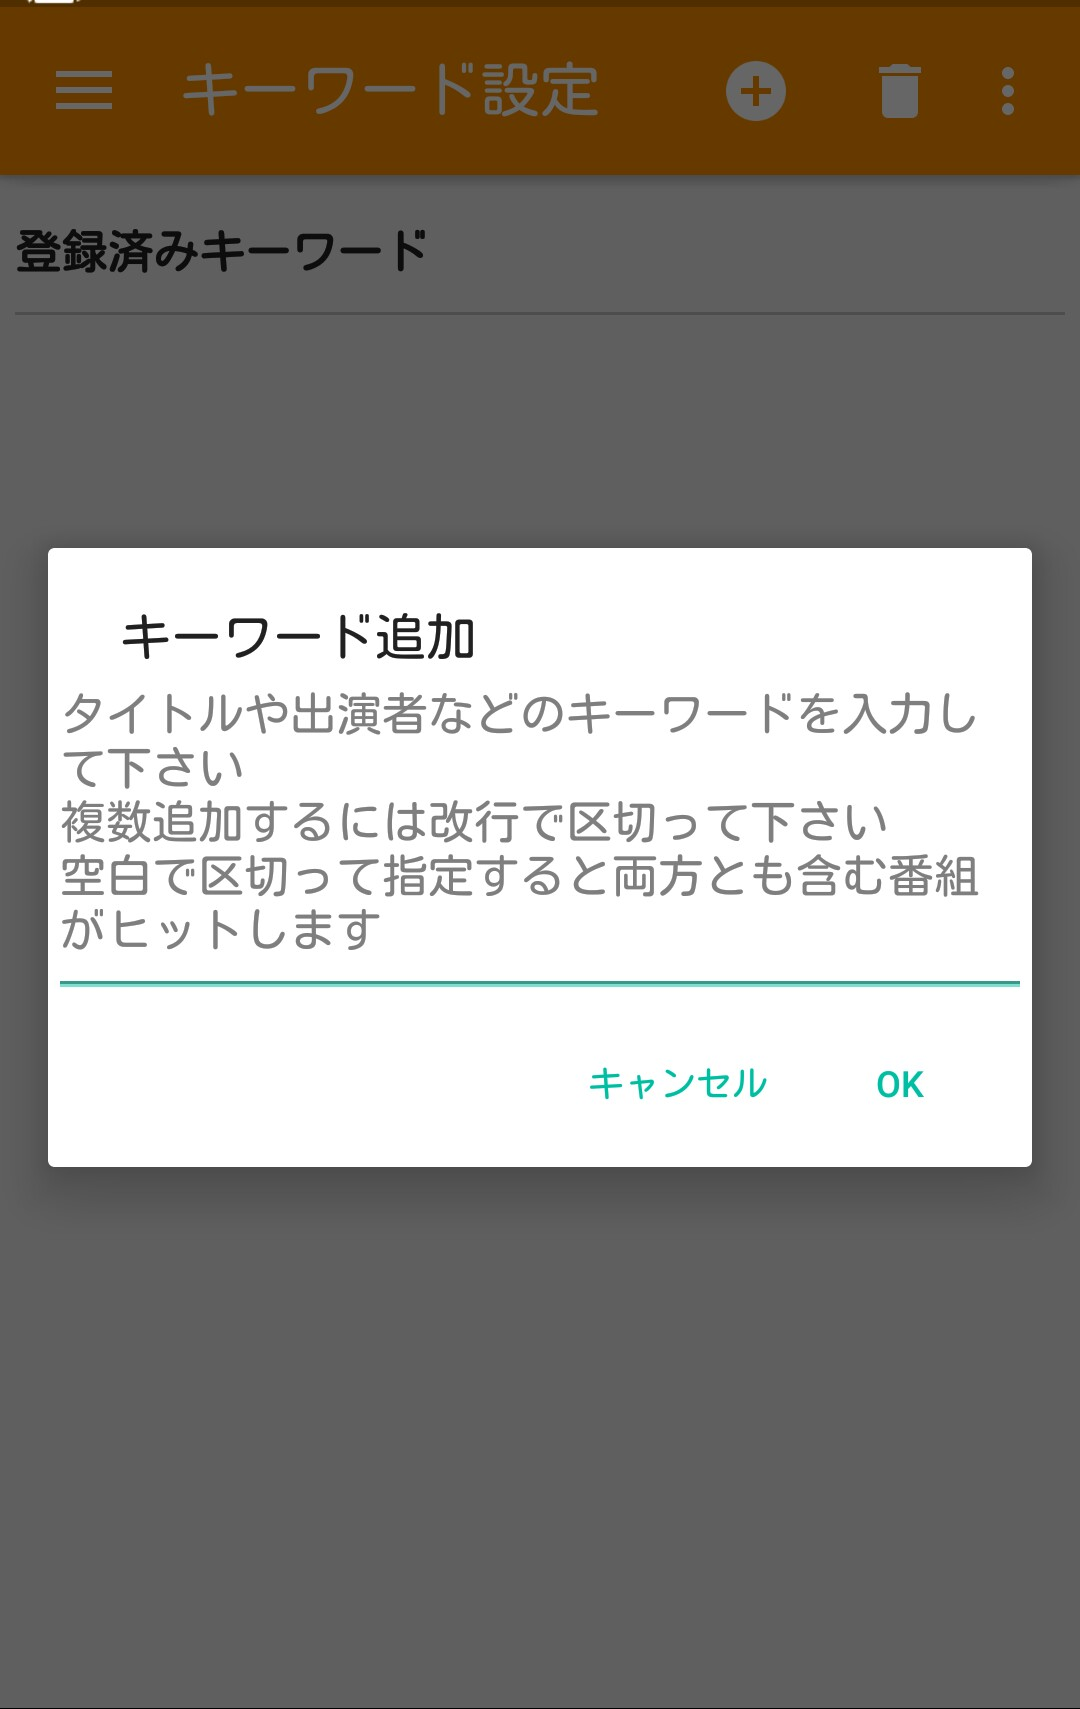 20161207_1096975.jpg